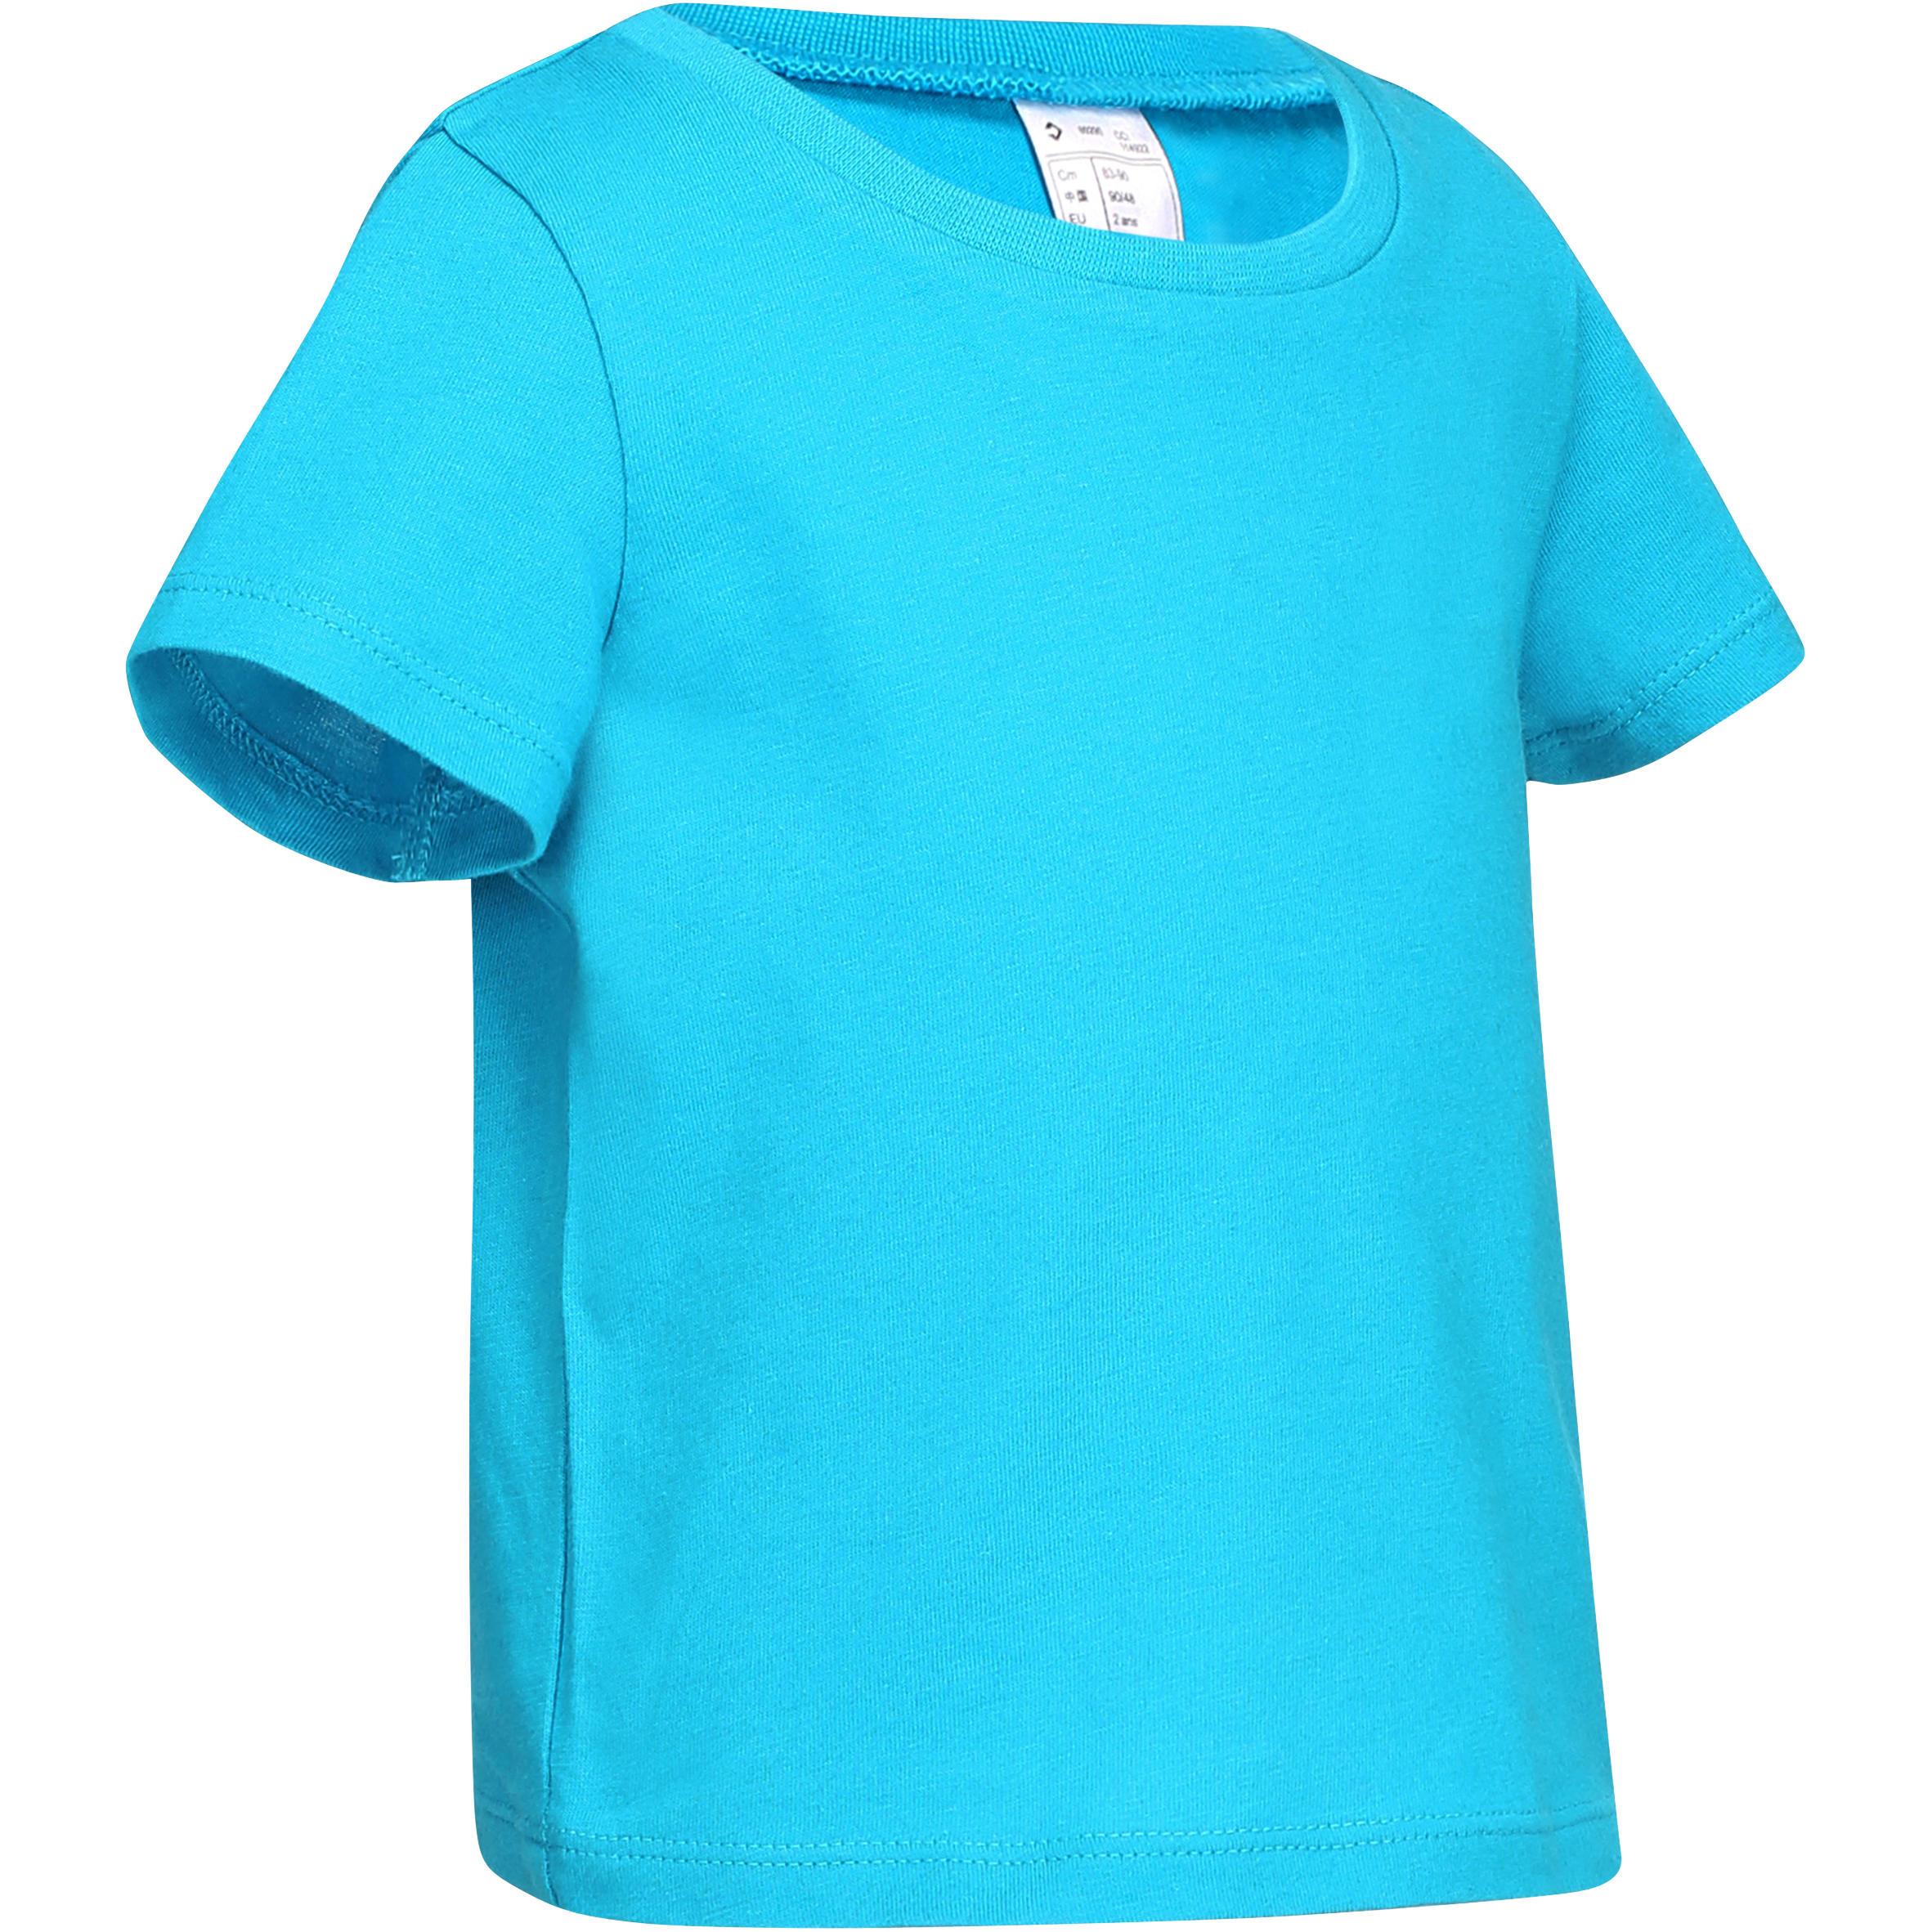 T-shirt met korte mouwen voor kleuters turkoois